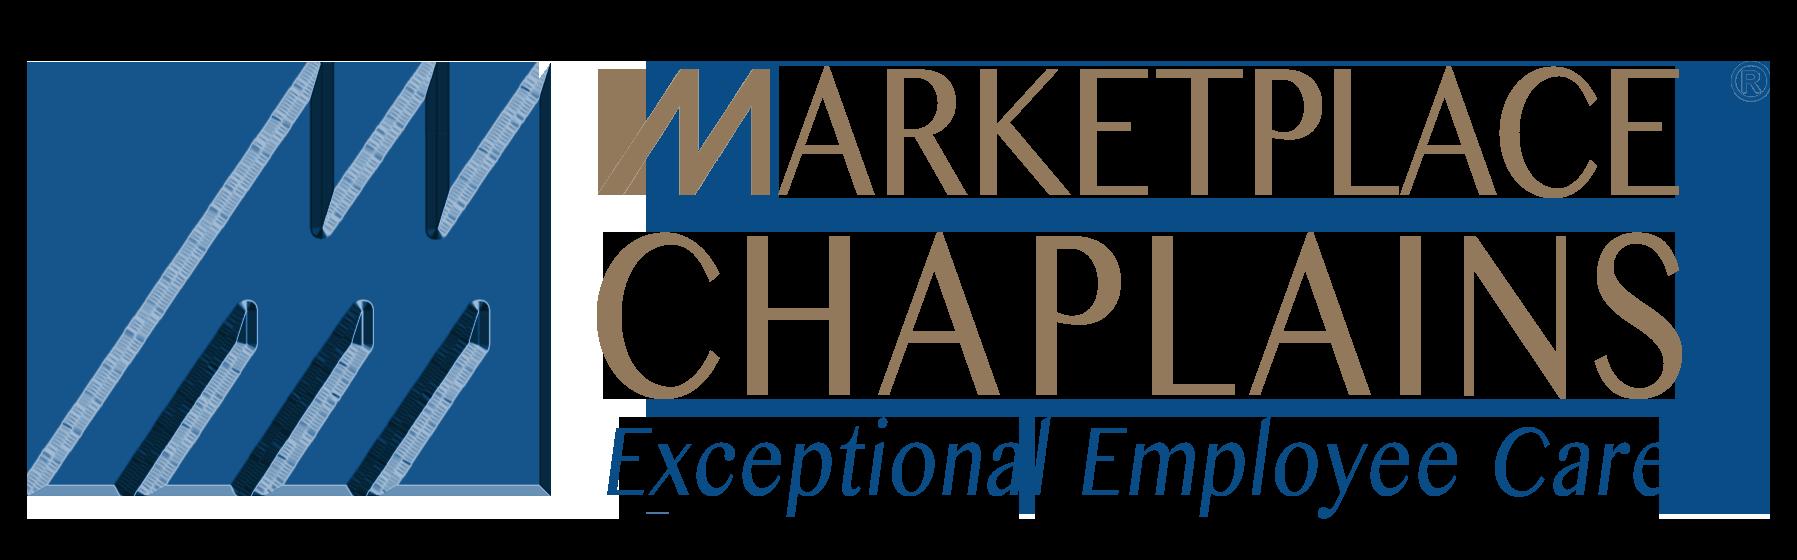 mchap_logo_tanblue